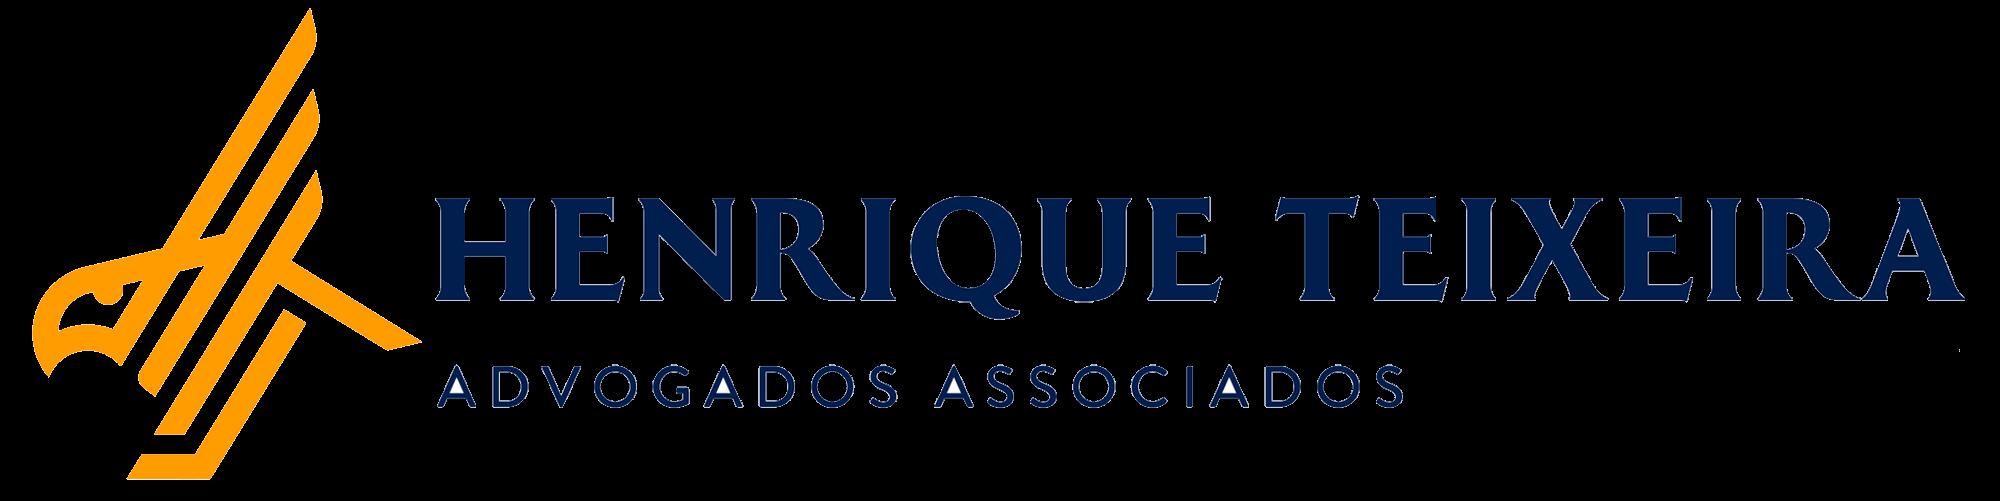 Henrique Teixeira Advogados Associados